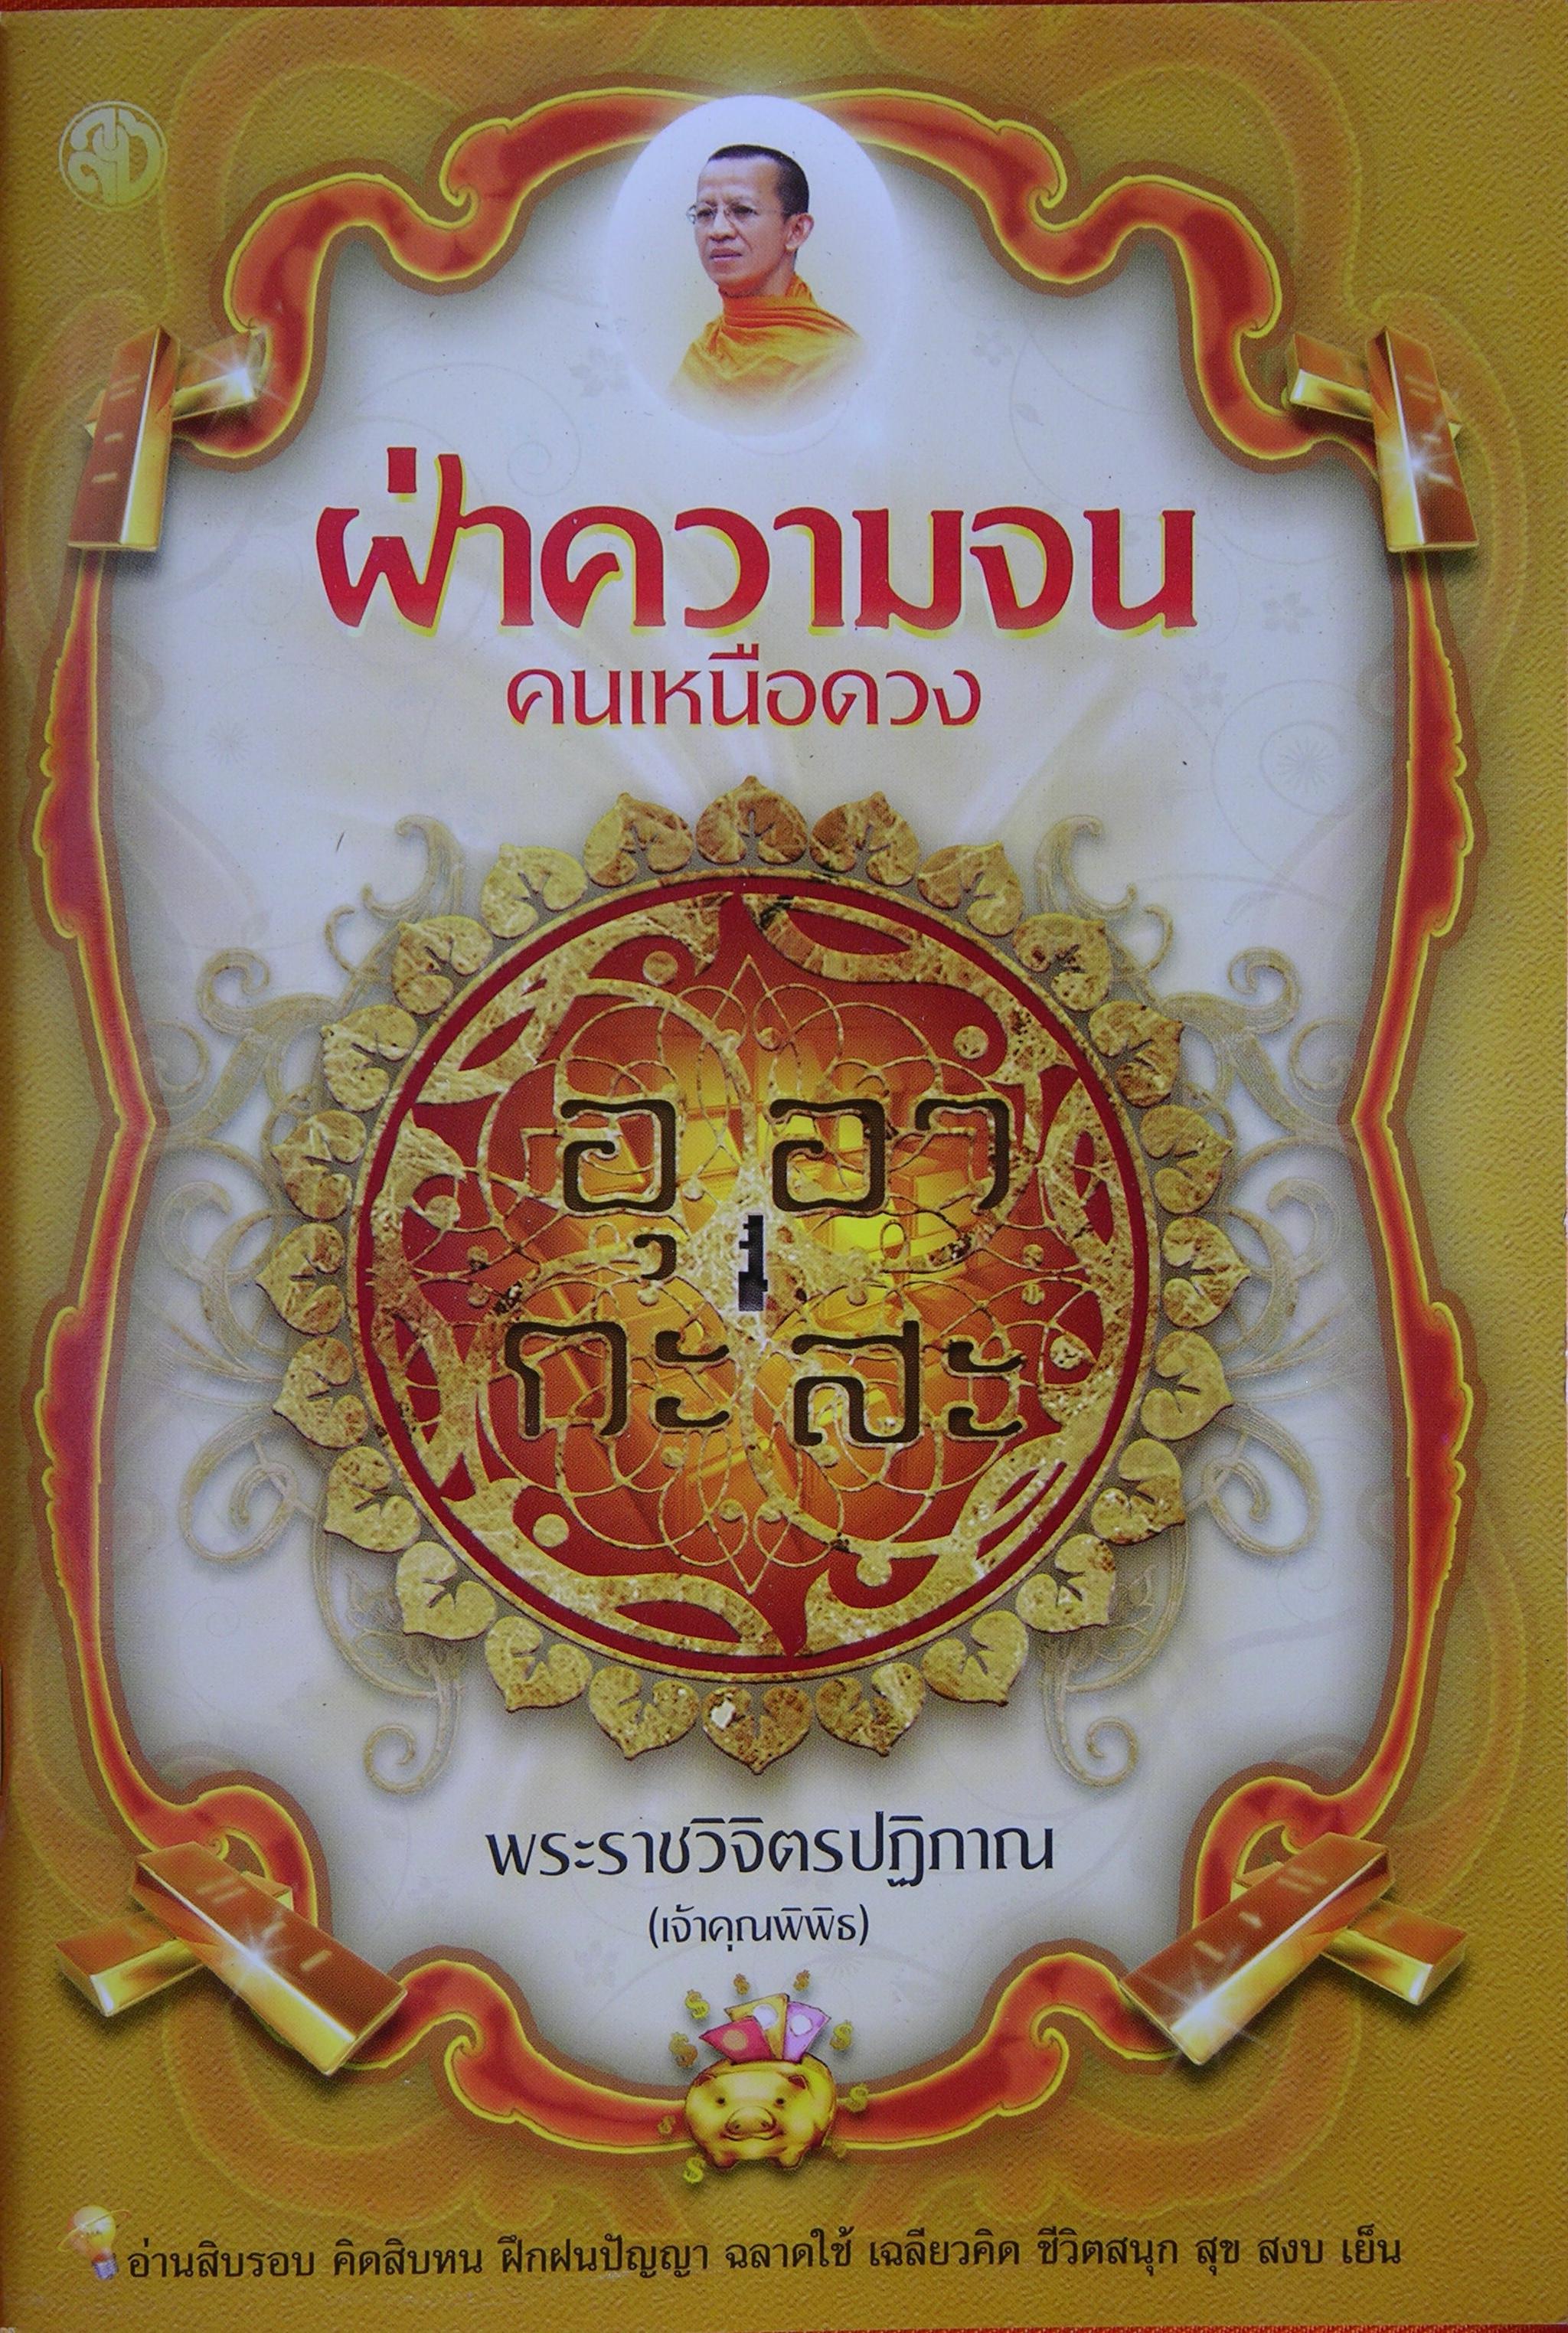 ที่นี่มีหนังสือธรรมะที่ท่านสนใจมากมาย เชิญได้ที่ ศาลาเผยแผ่ วัดสุทัศนเทพวราราม